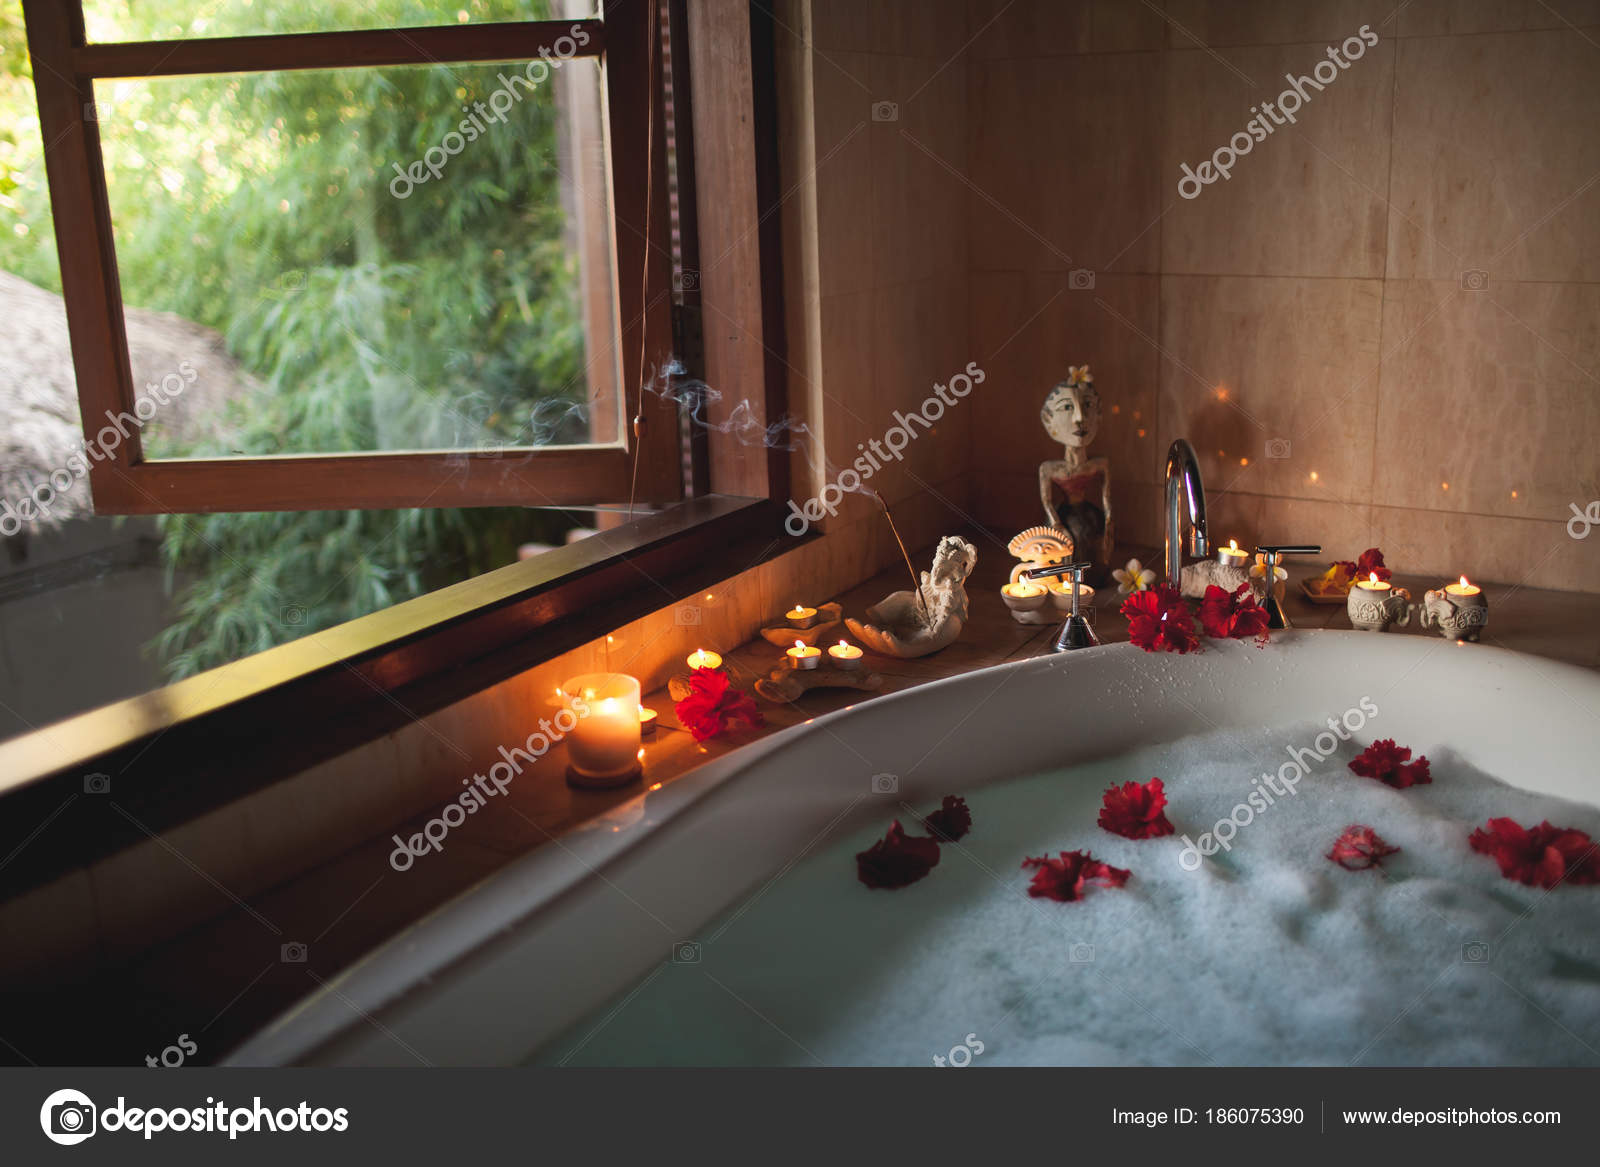 Vasca Da Bagno Romantica Con Candele : Vasca da bagno con petali di rosa u body art